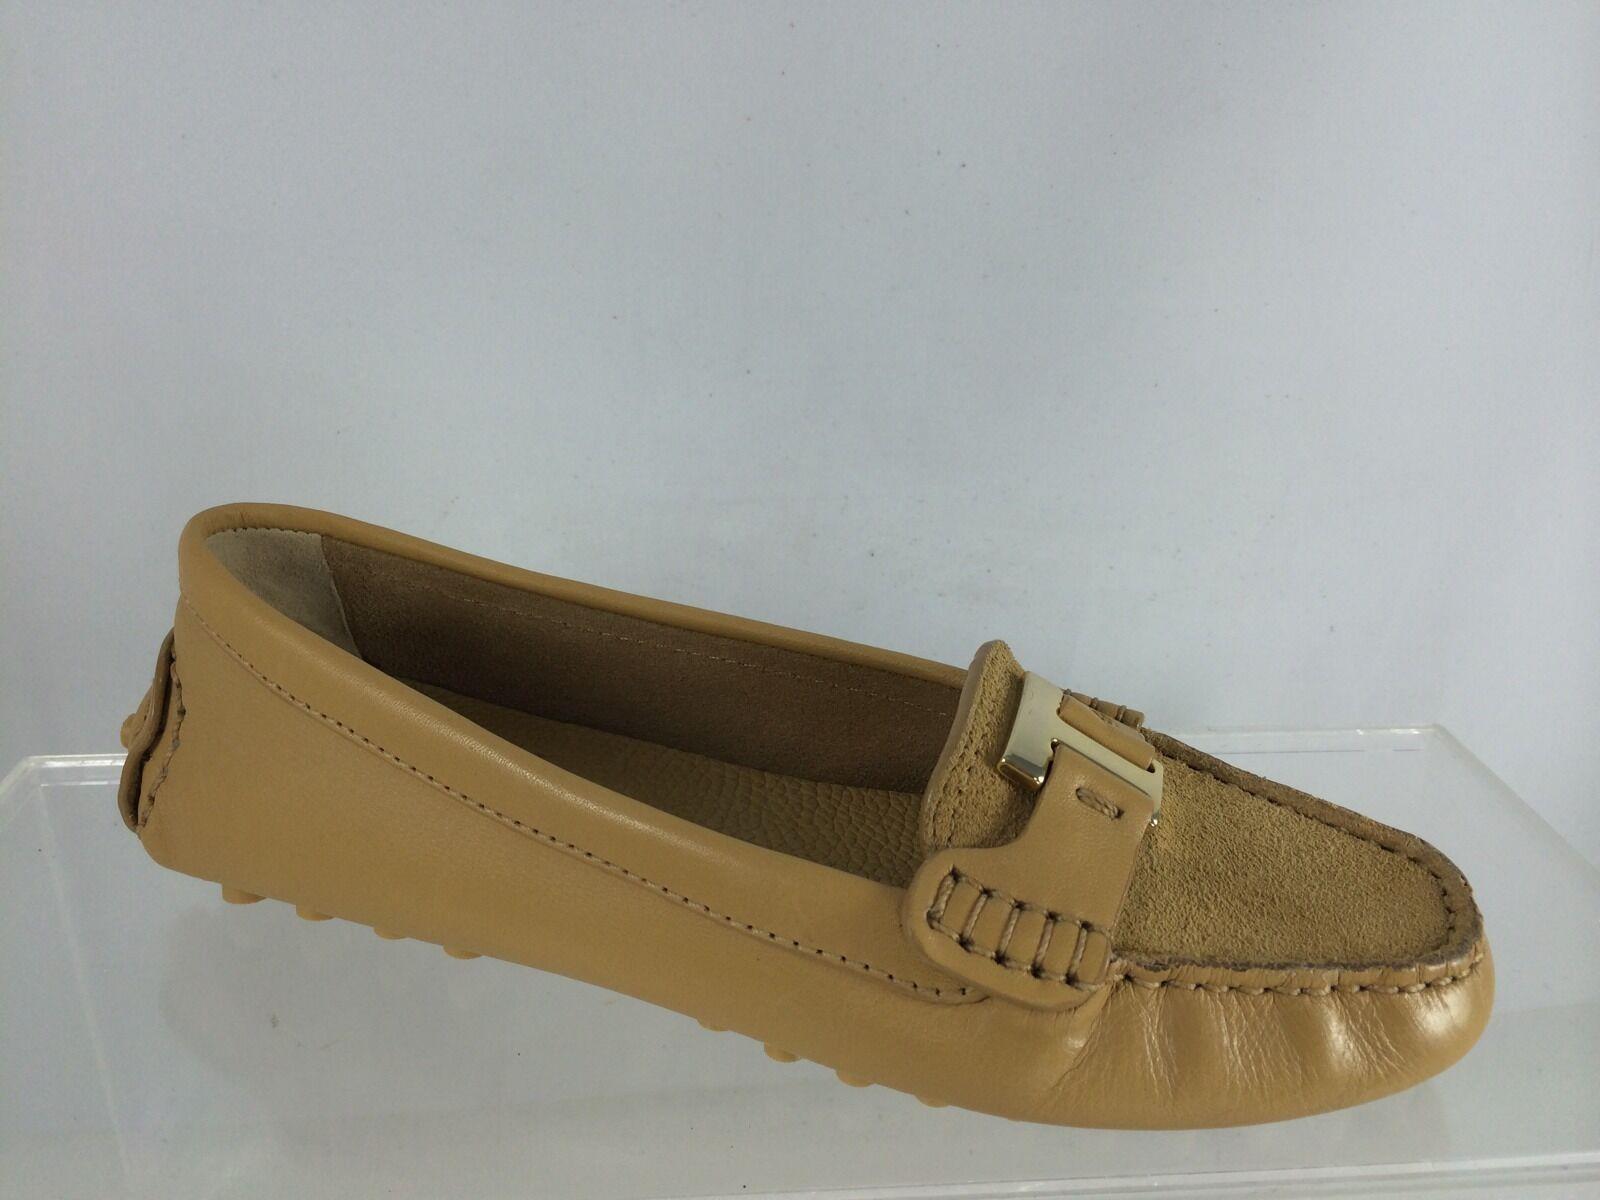 Tory Burch Chaussures femme en cuir beige avec logo logo logo doré Flats Chaussures 5.5 m a56205